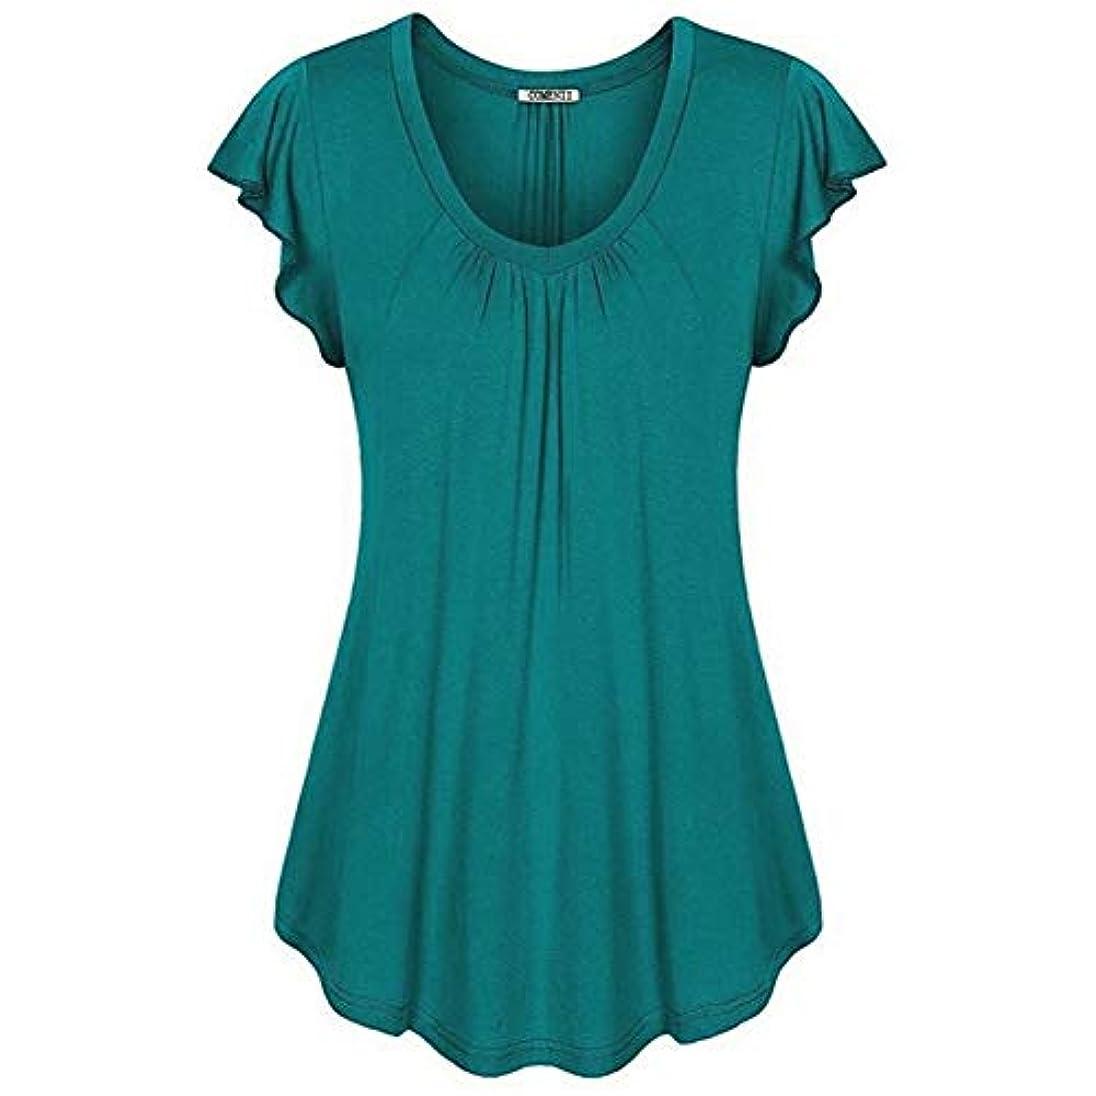 願う差し引く感謝するMIFAN の女性のドレスカジュアルな不規則なドレスルースサマービーチTシャツドレス